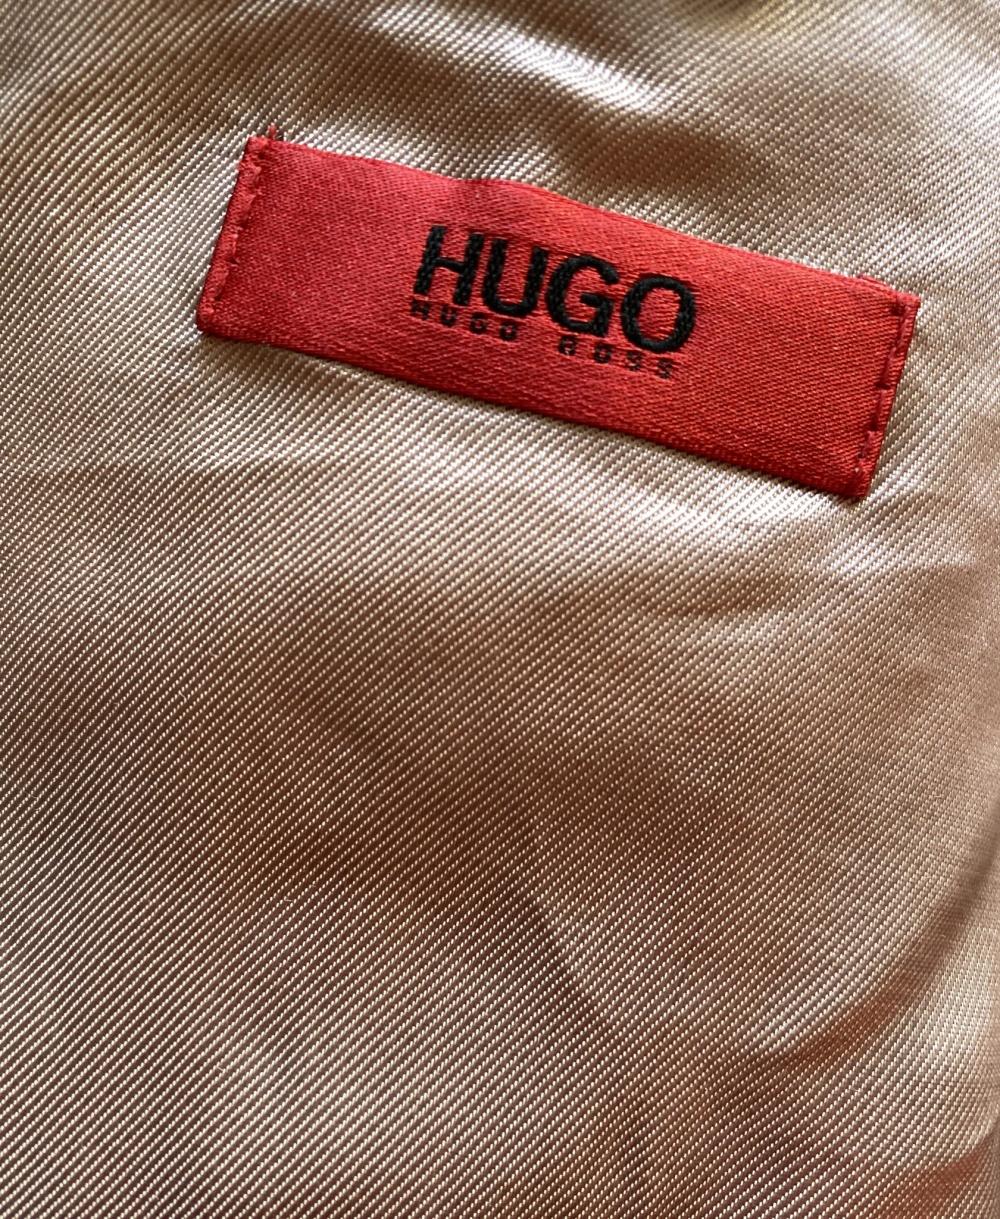 Пиджак Hugo Boss жакет размер 48-50